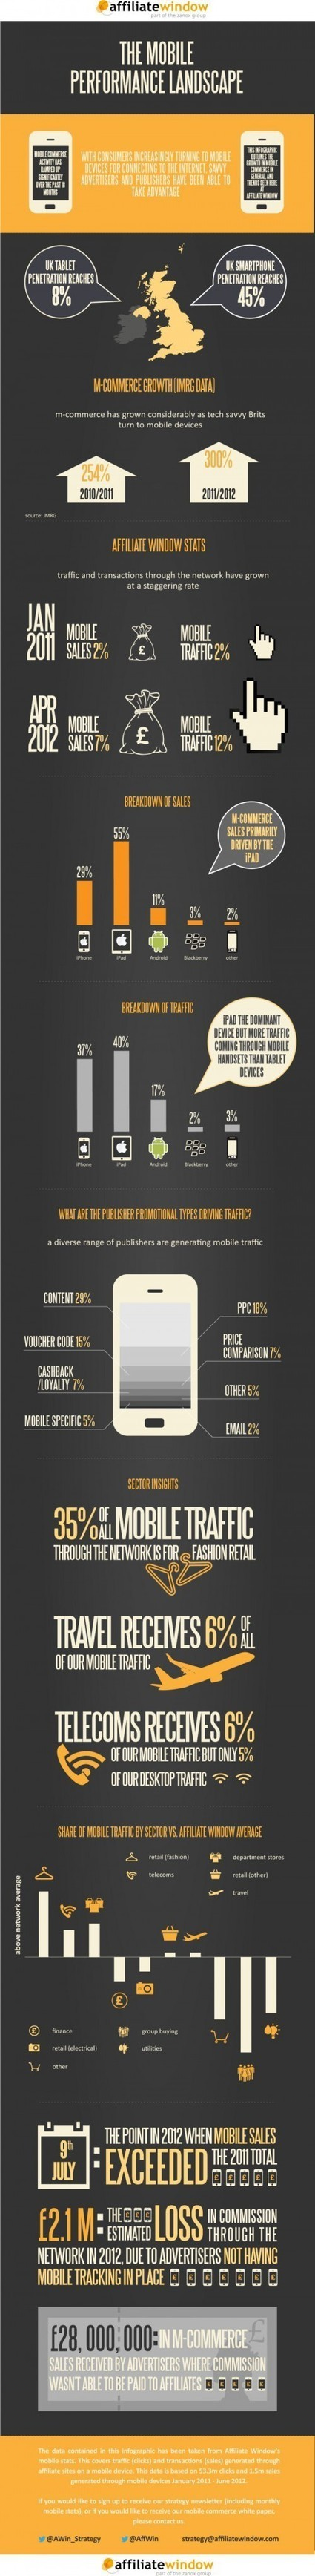 [Infographie] 55% des achats du m-commerce sont faits via l'iPad - Websourcing.fr | Geeks | Scoop.it